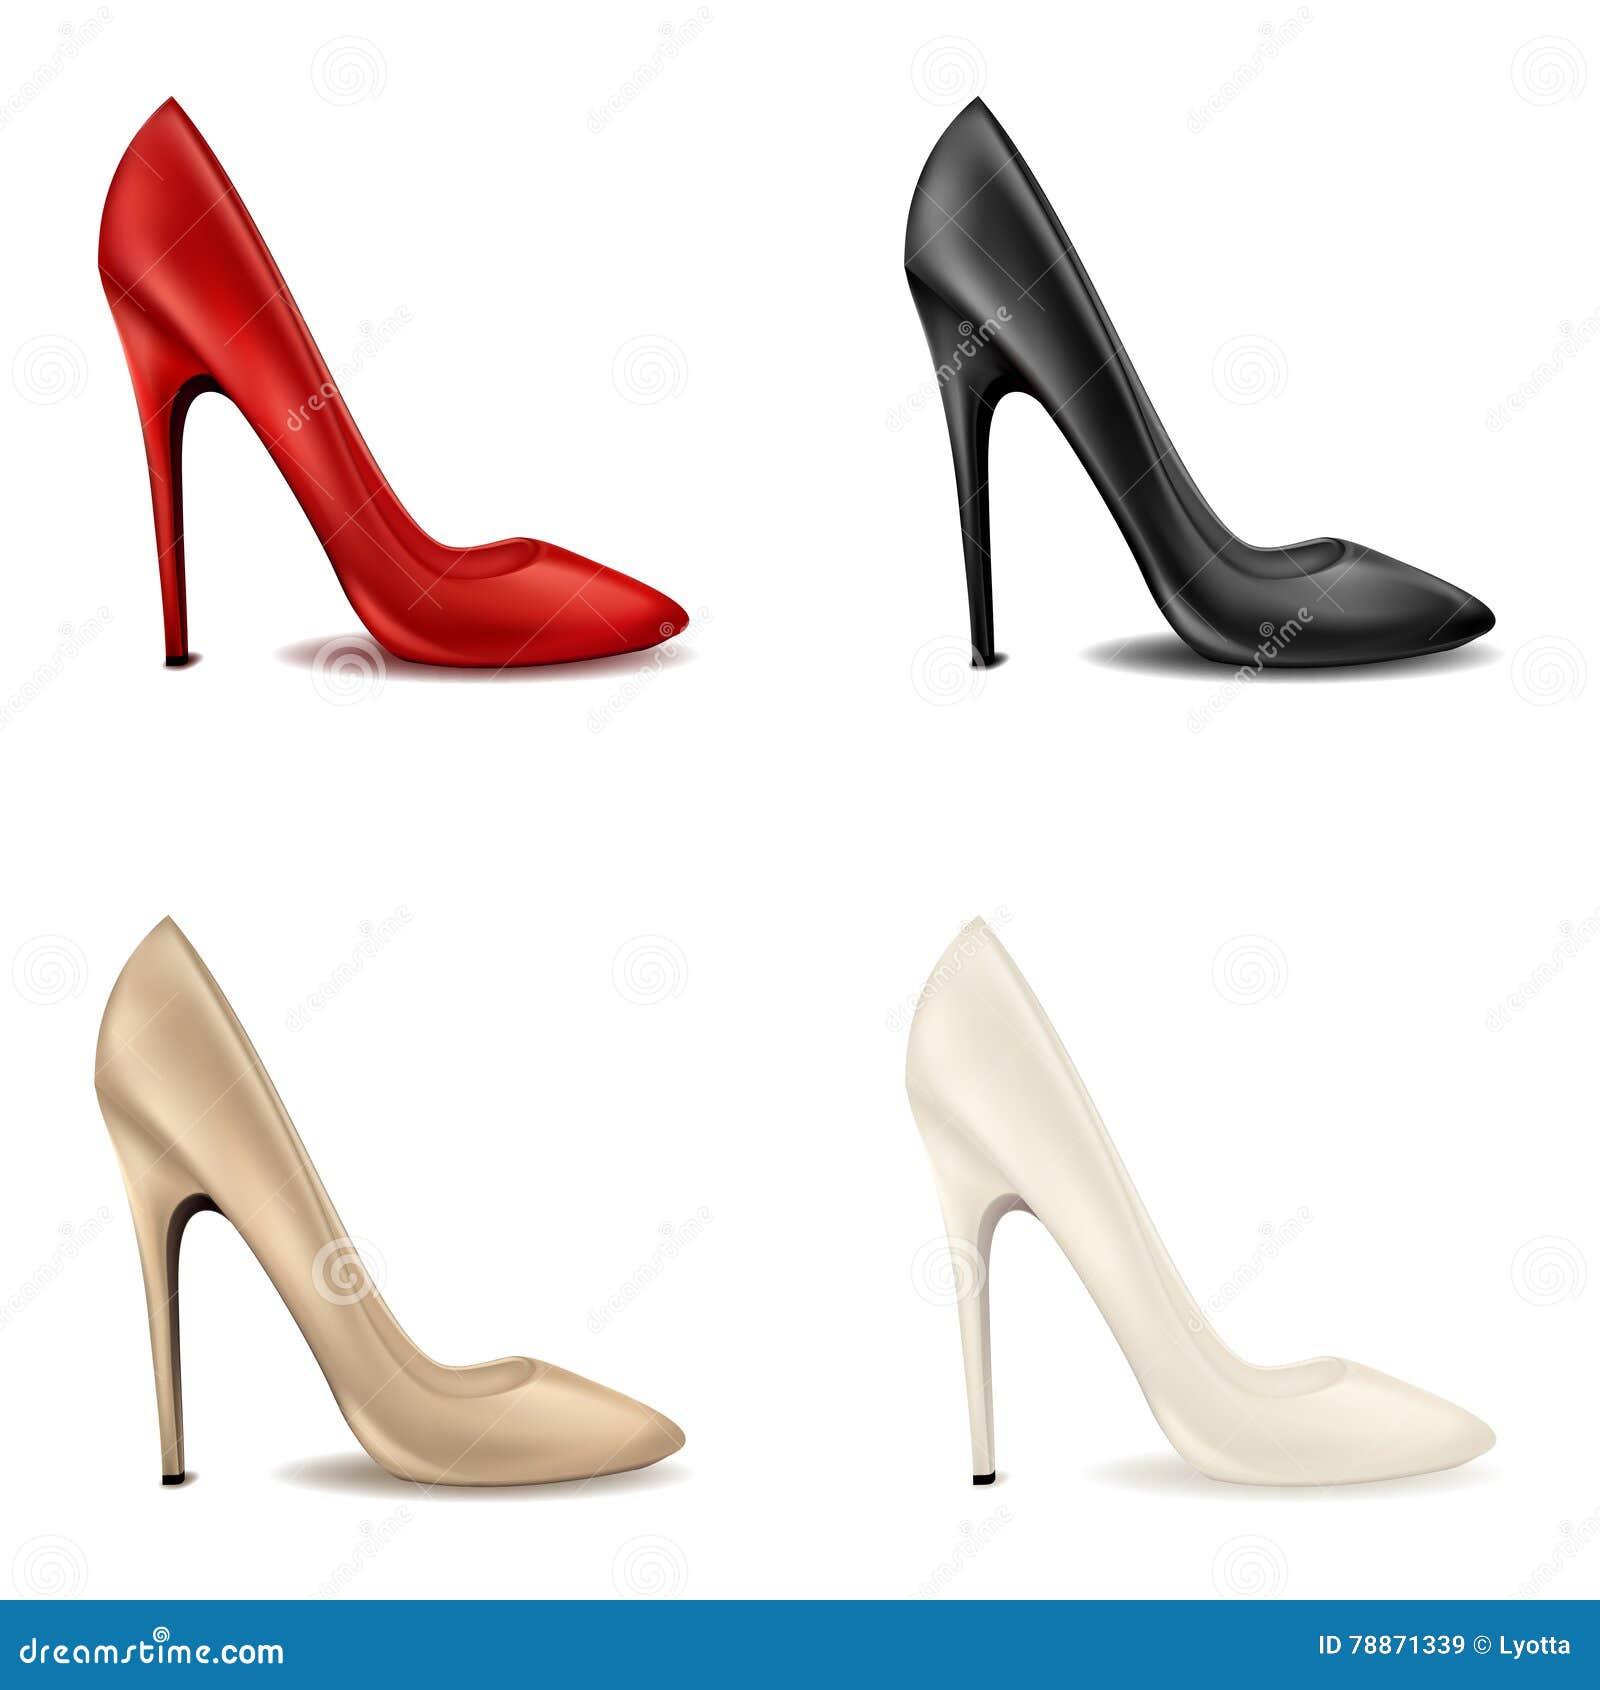 le scarpe rosse delle donne eleganti sull insieme a tacco alto luminoso delle scarpe classiche femminili con i tacchi alti nei co illustrazione vettoriale illustrazione di decorativo decorato 78871339 dreamstime